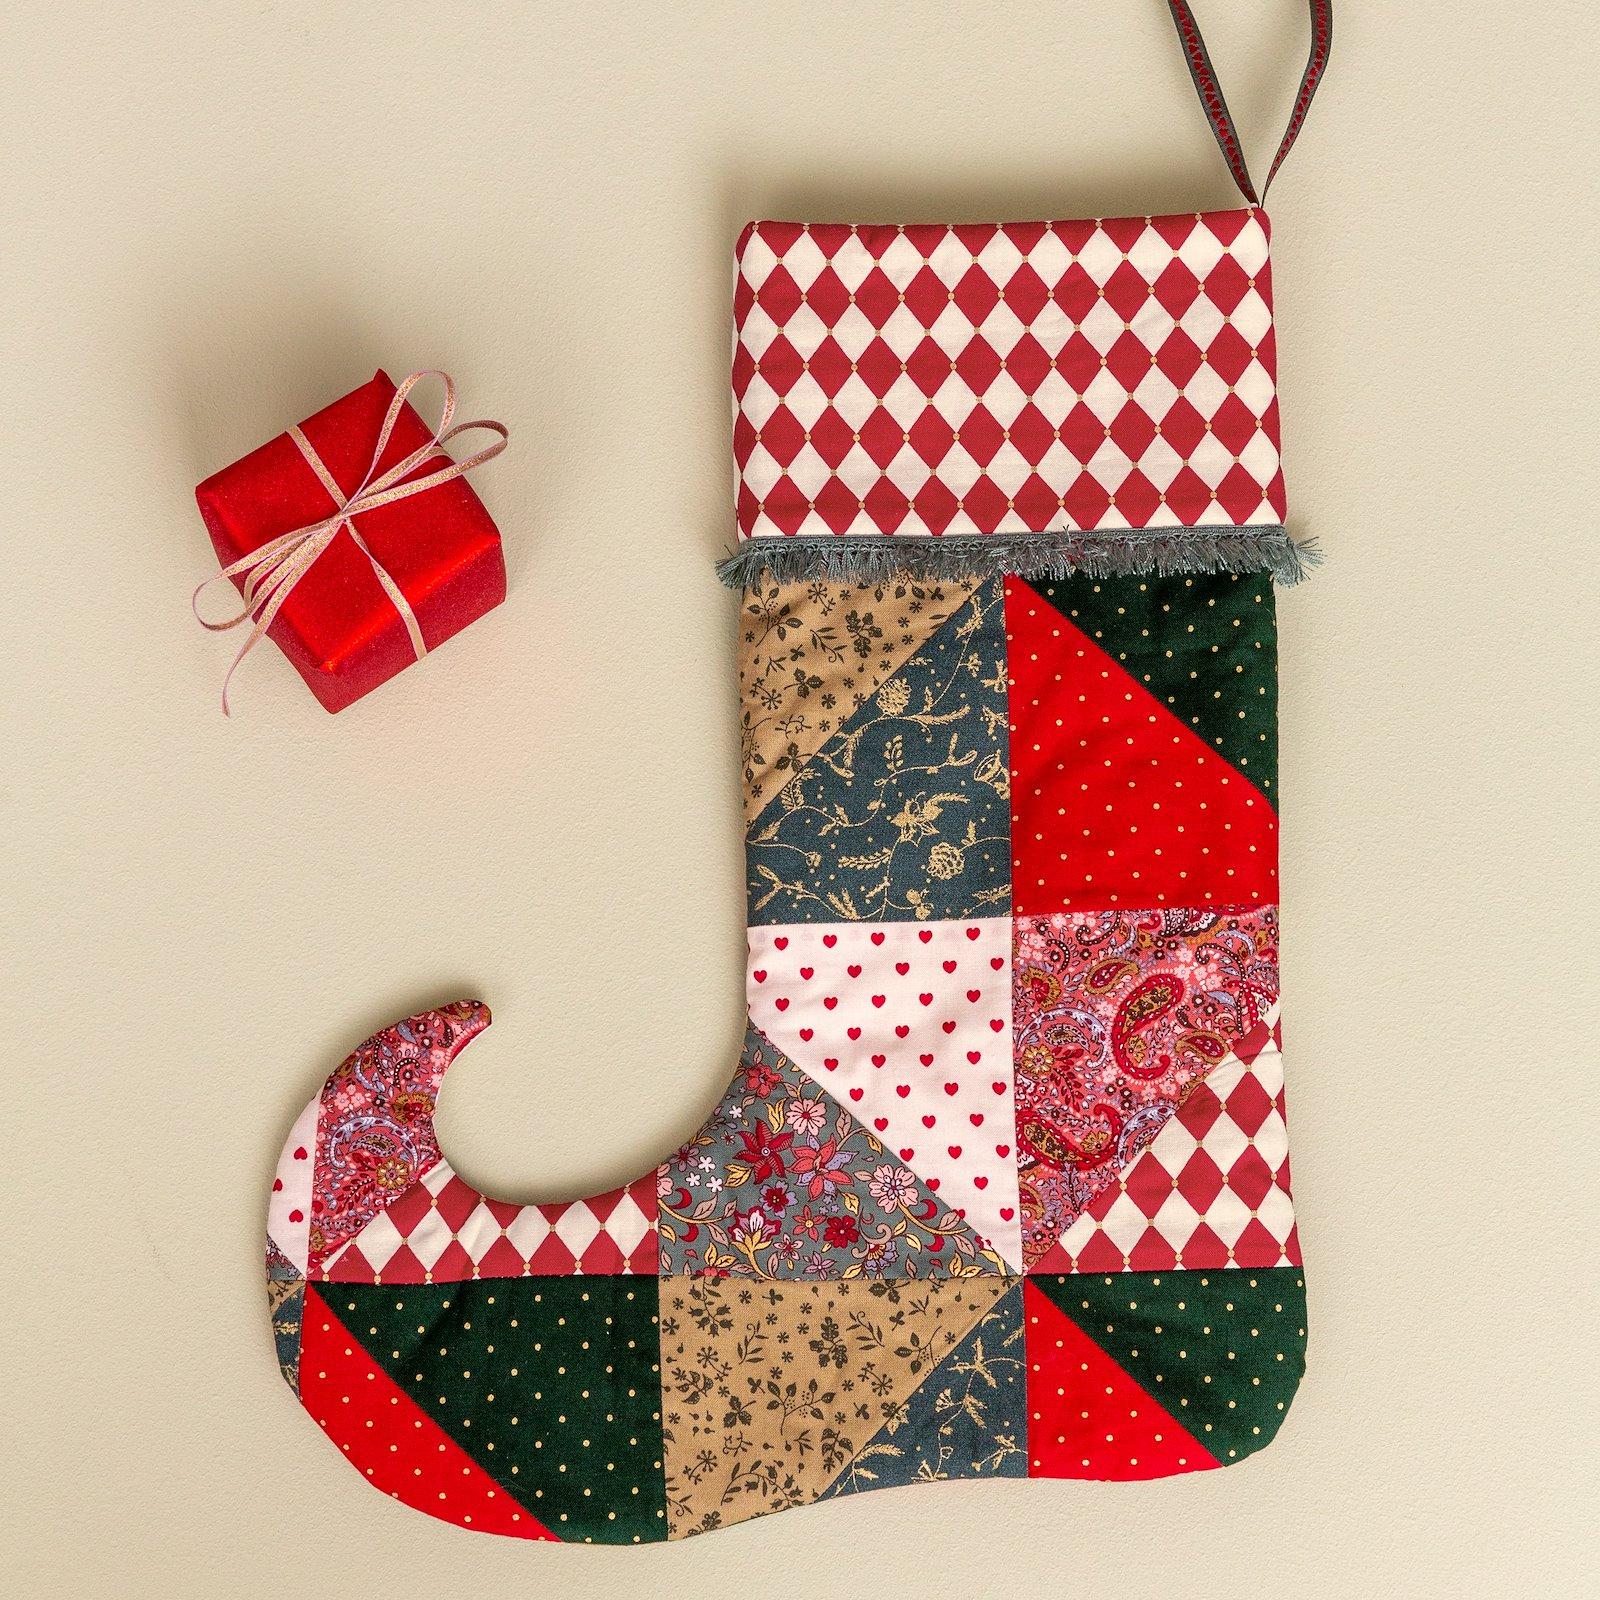 Weihnachtssocke und Herz p90311_DIY9014_852404_852401_852400_852326_852351_852339_790140_22255_22237_sskit